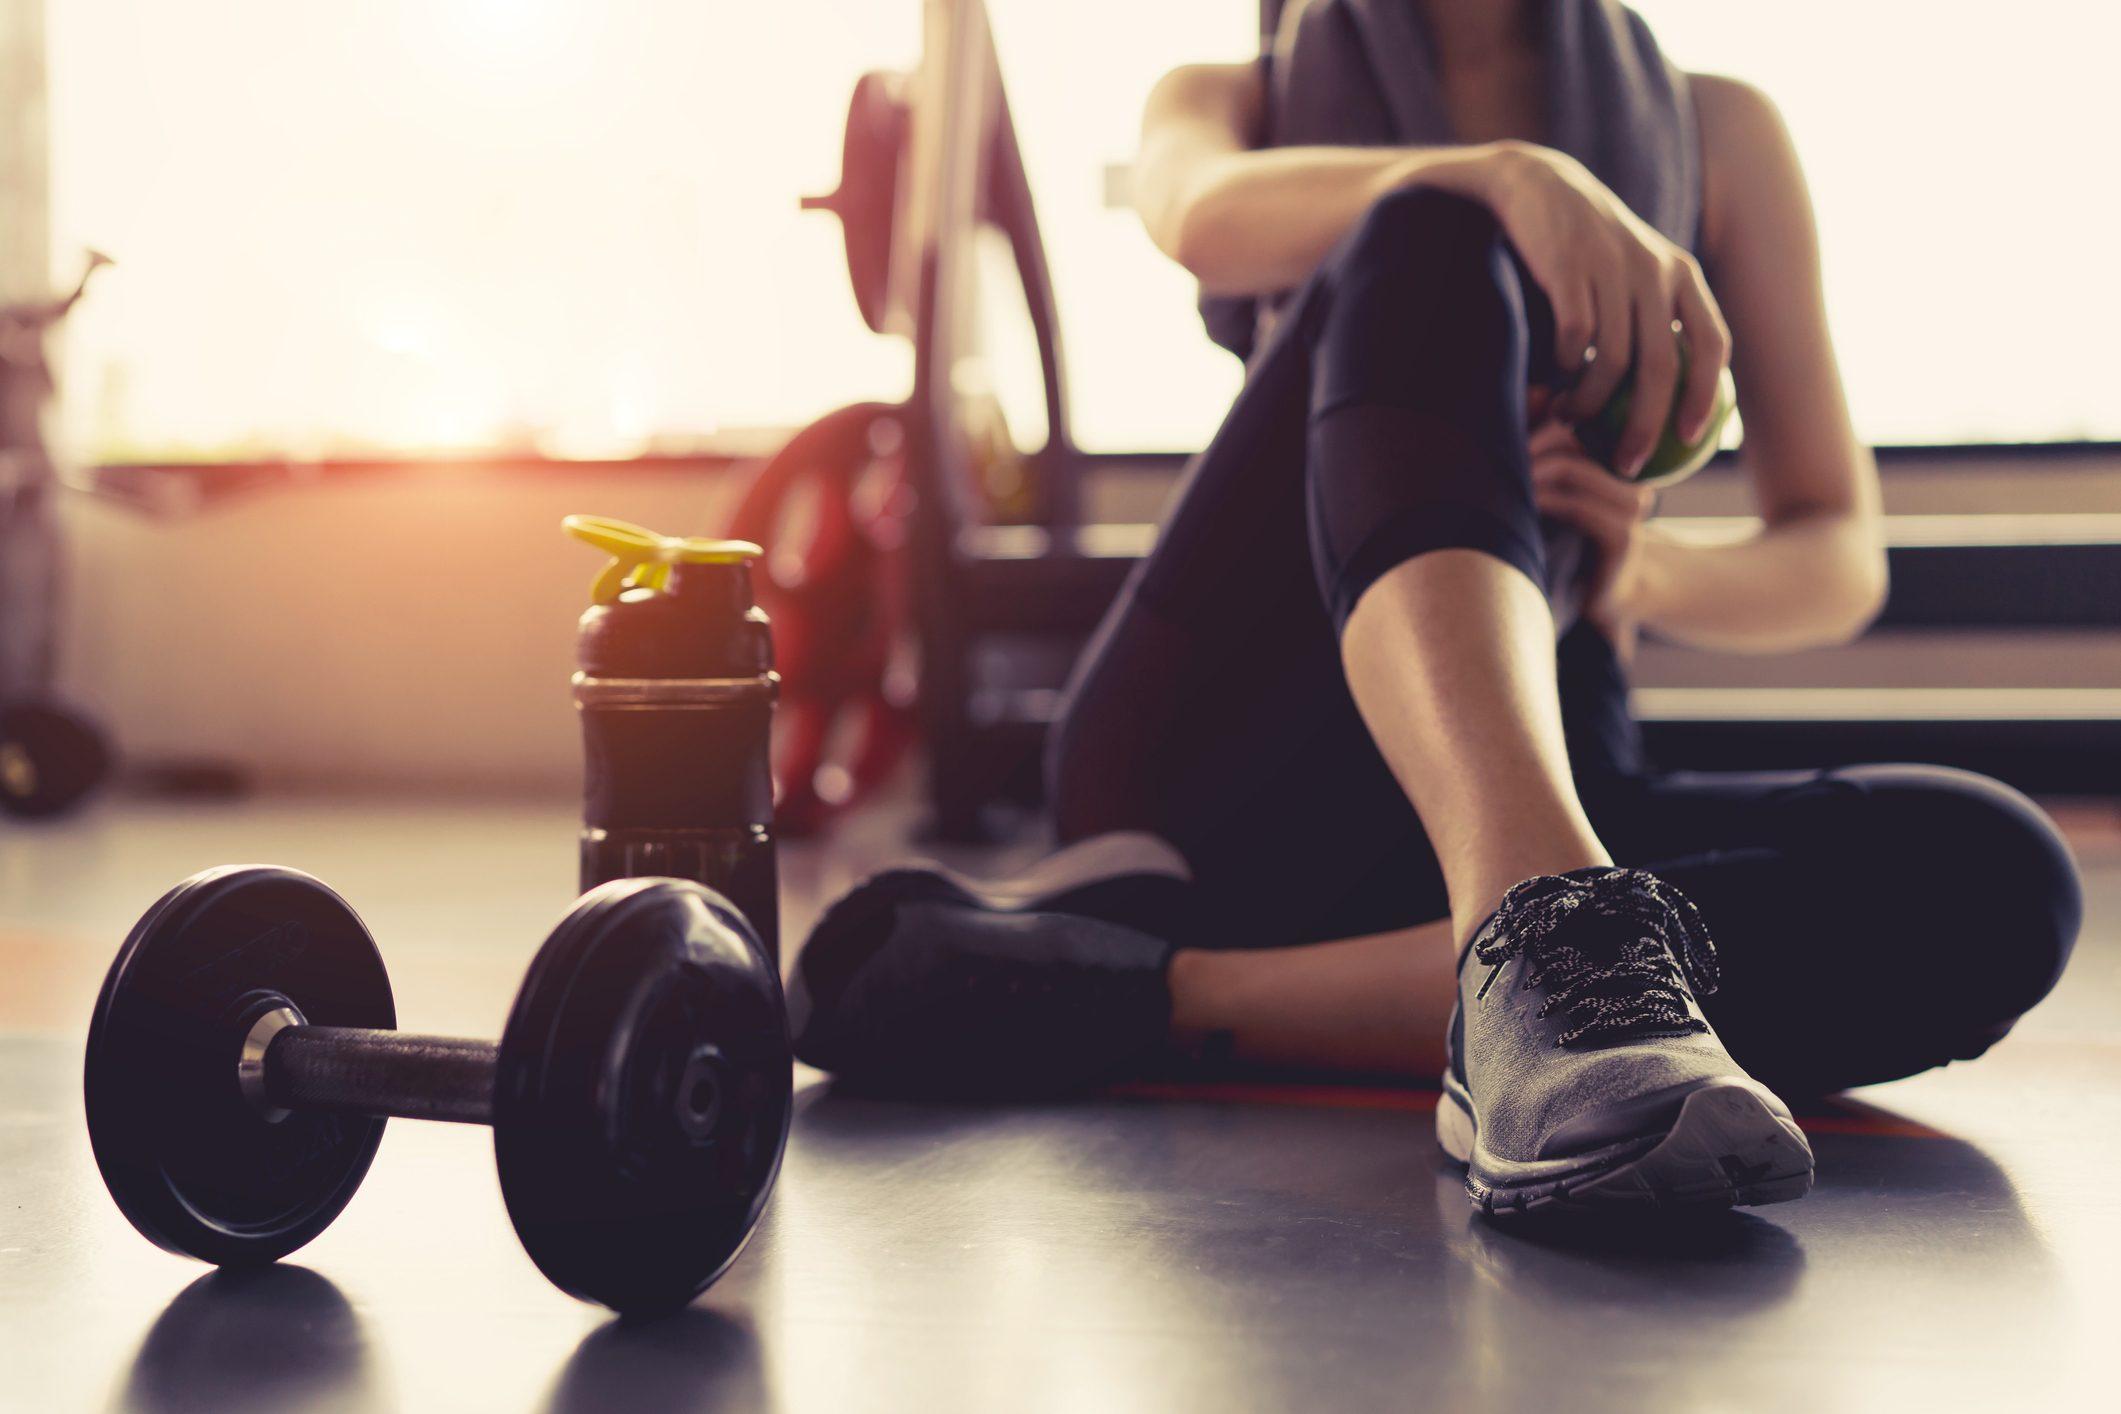 come trasformare il grasso in muscoli in 2 settimane